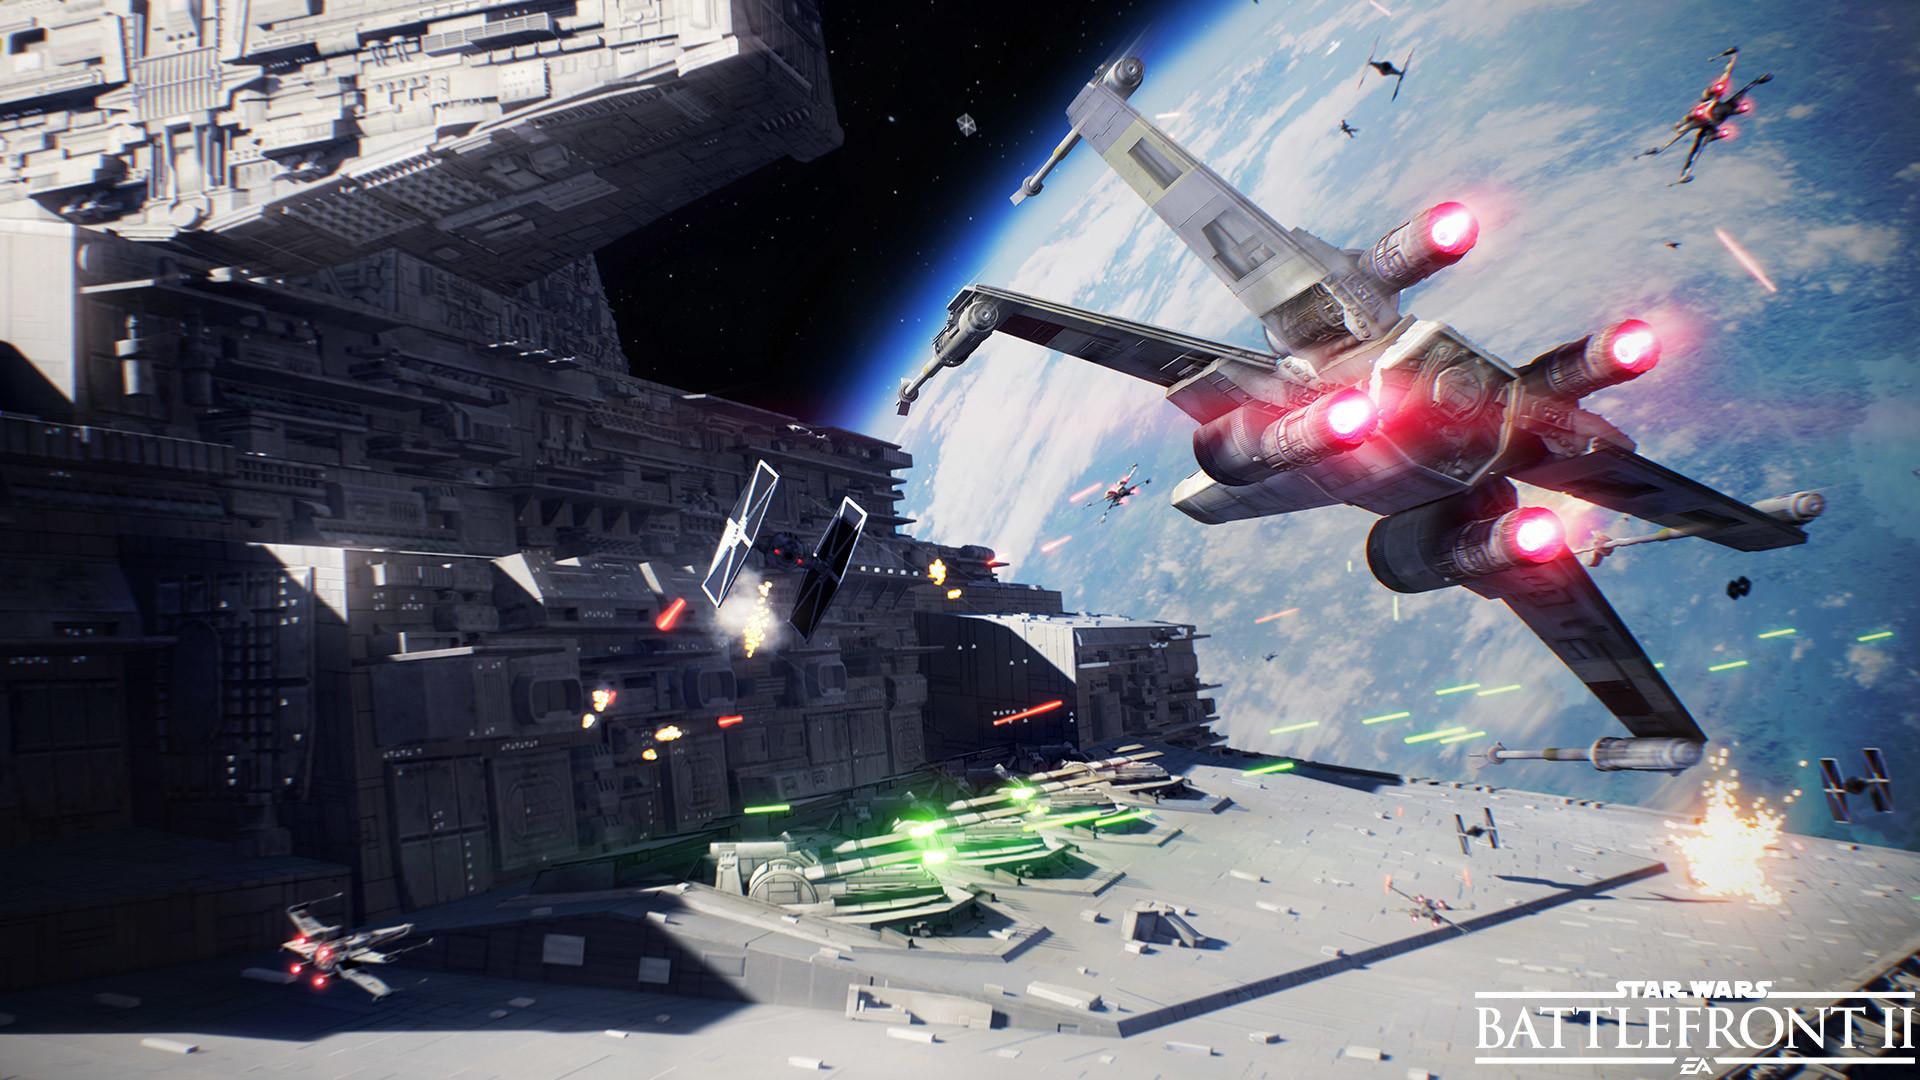 Star Wars Battlefront II 2017 3